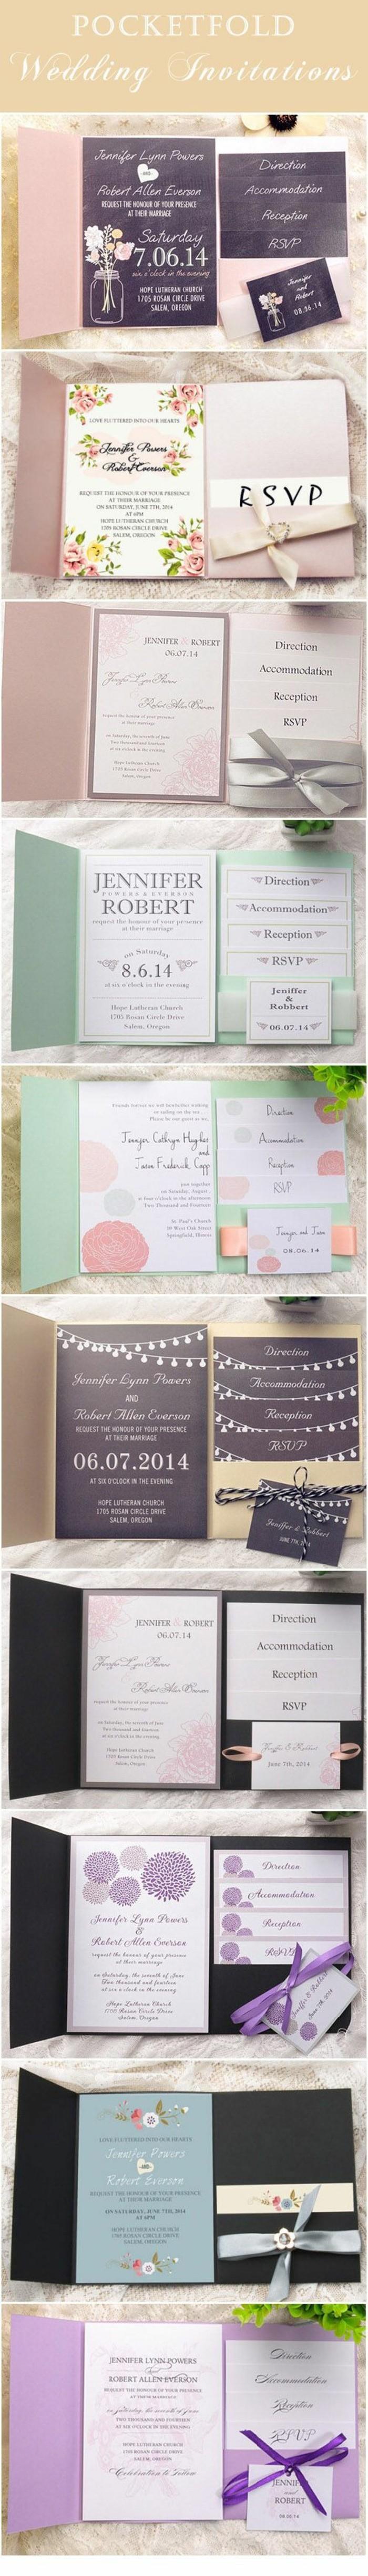 faire-part-mariage-personnalise-en-rose-noir-beige-vert-originale-diy-idee-pas-cher-pour-mariage